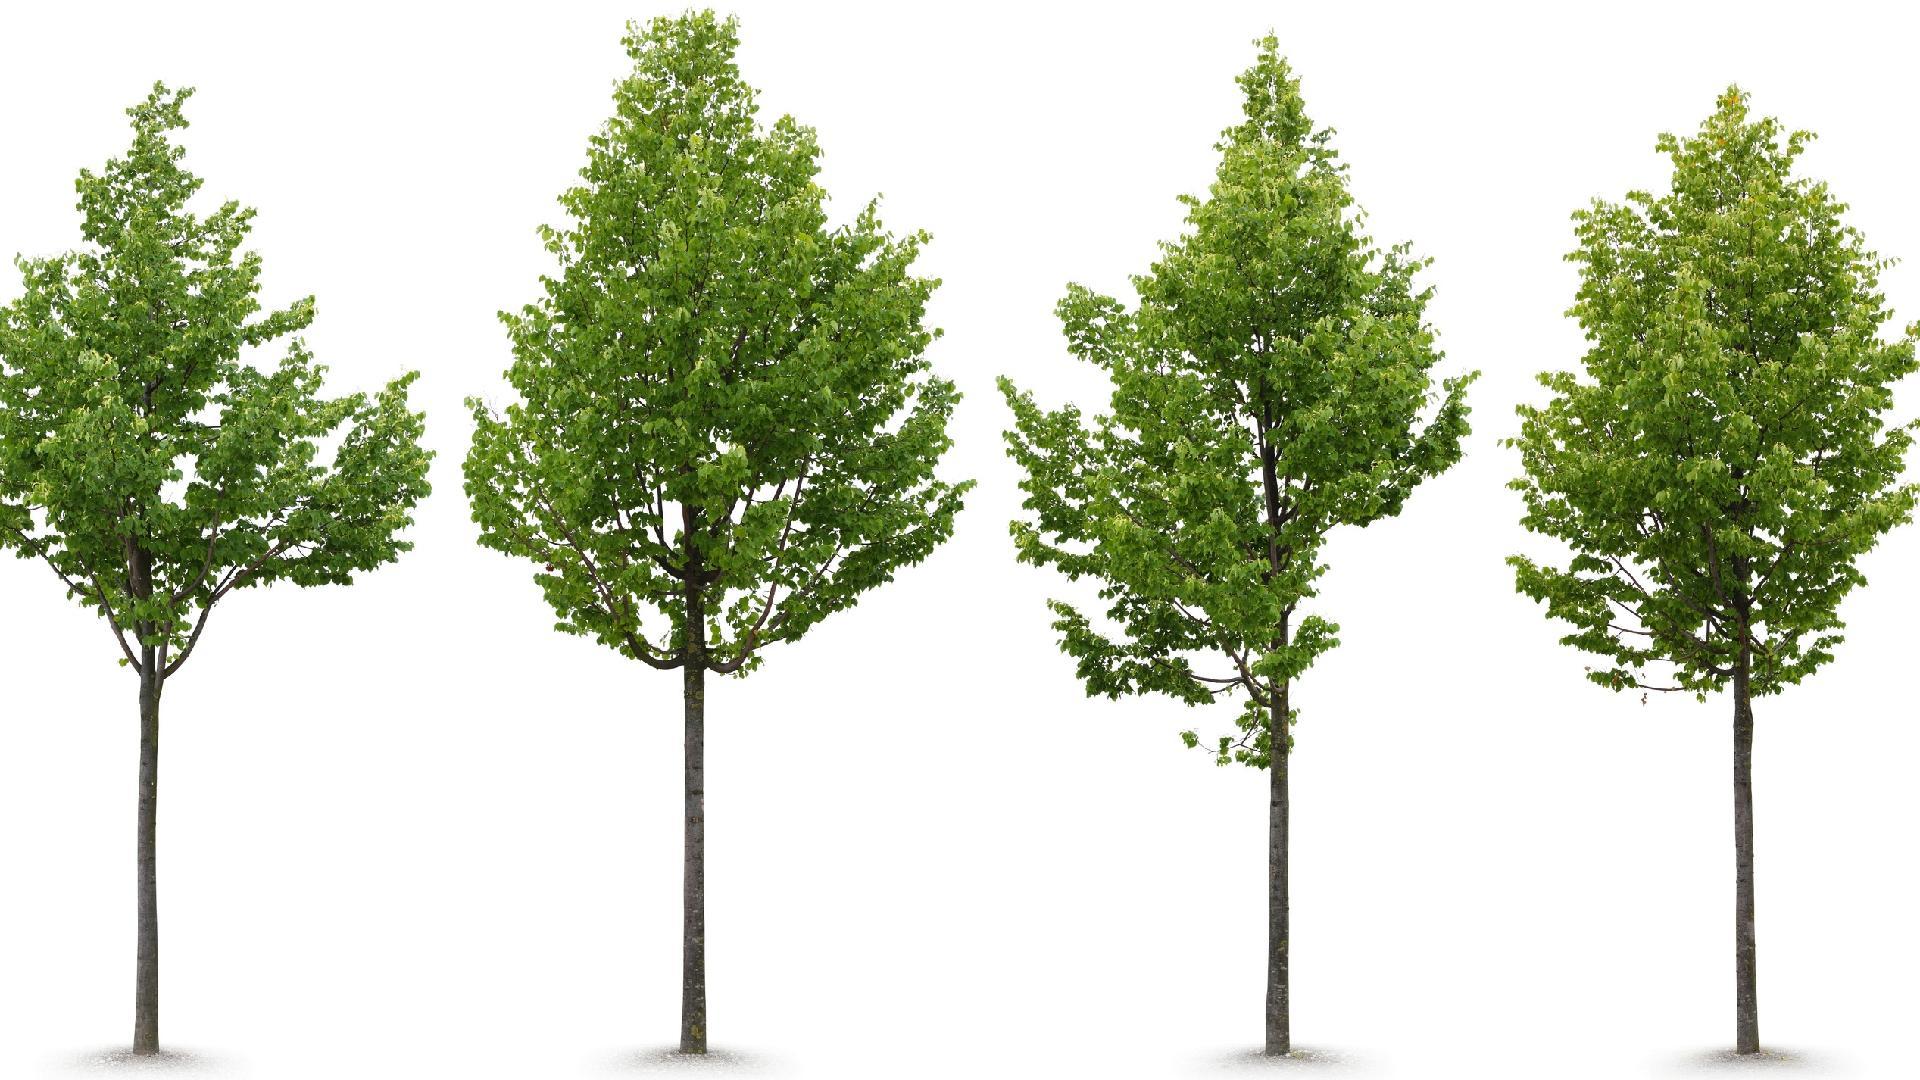 Burocracia rege remoção de árvores seja em terrenos privados ou calçadas -  26 09 2016 - UOL Universa 70d589a9d3b